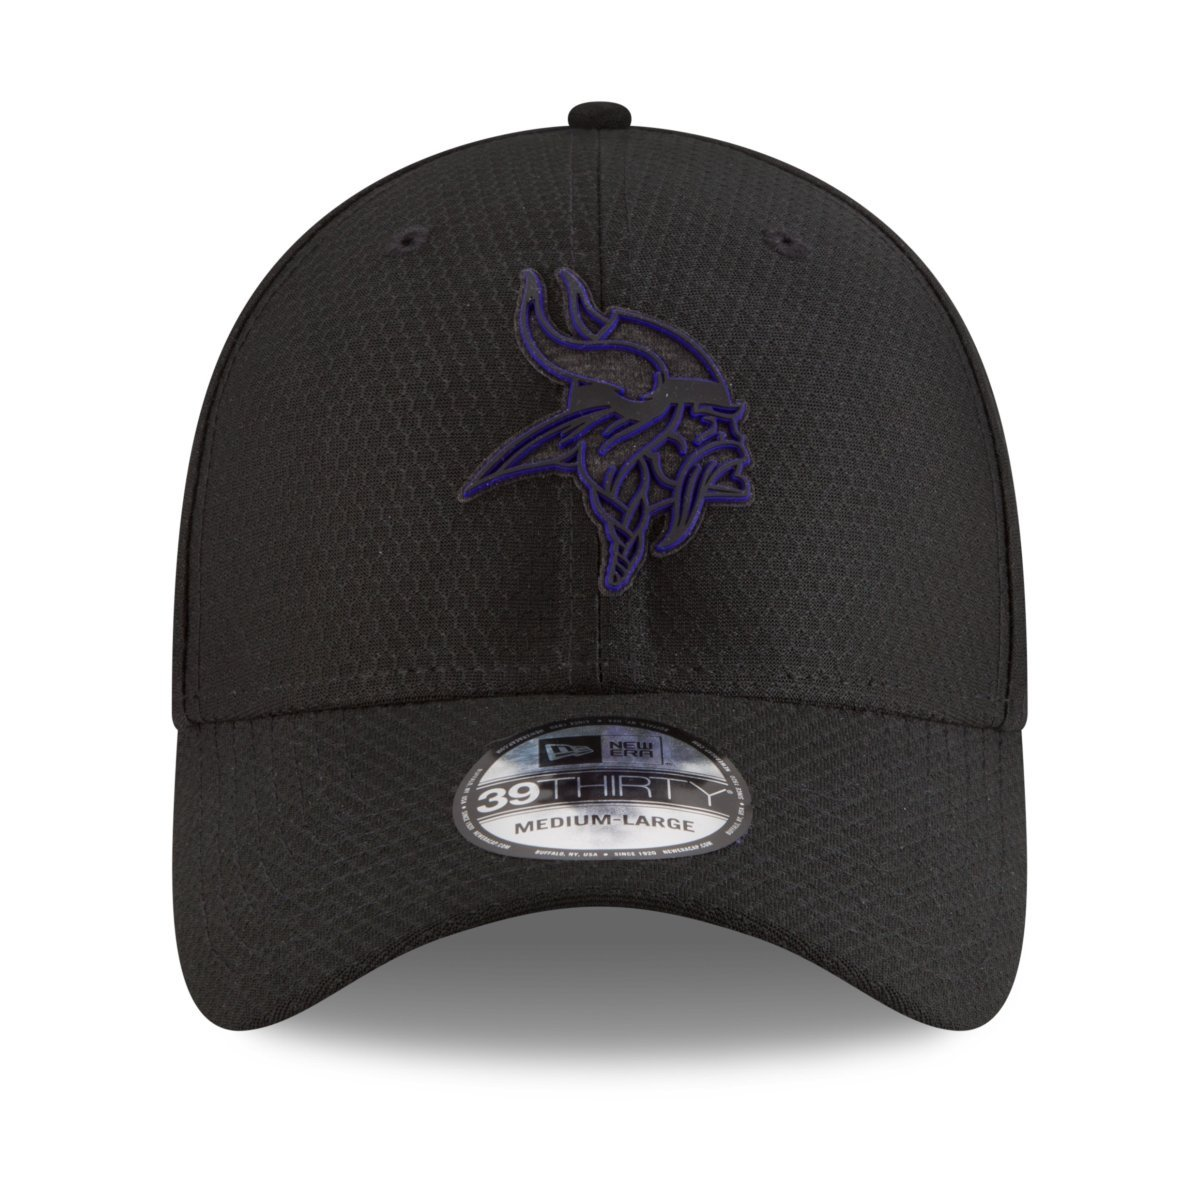 TRAINING Minnesota Vikings New Era 39Thirty Cap